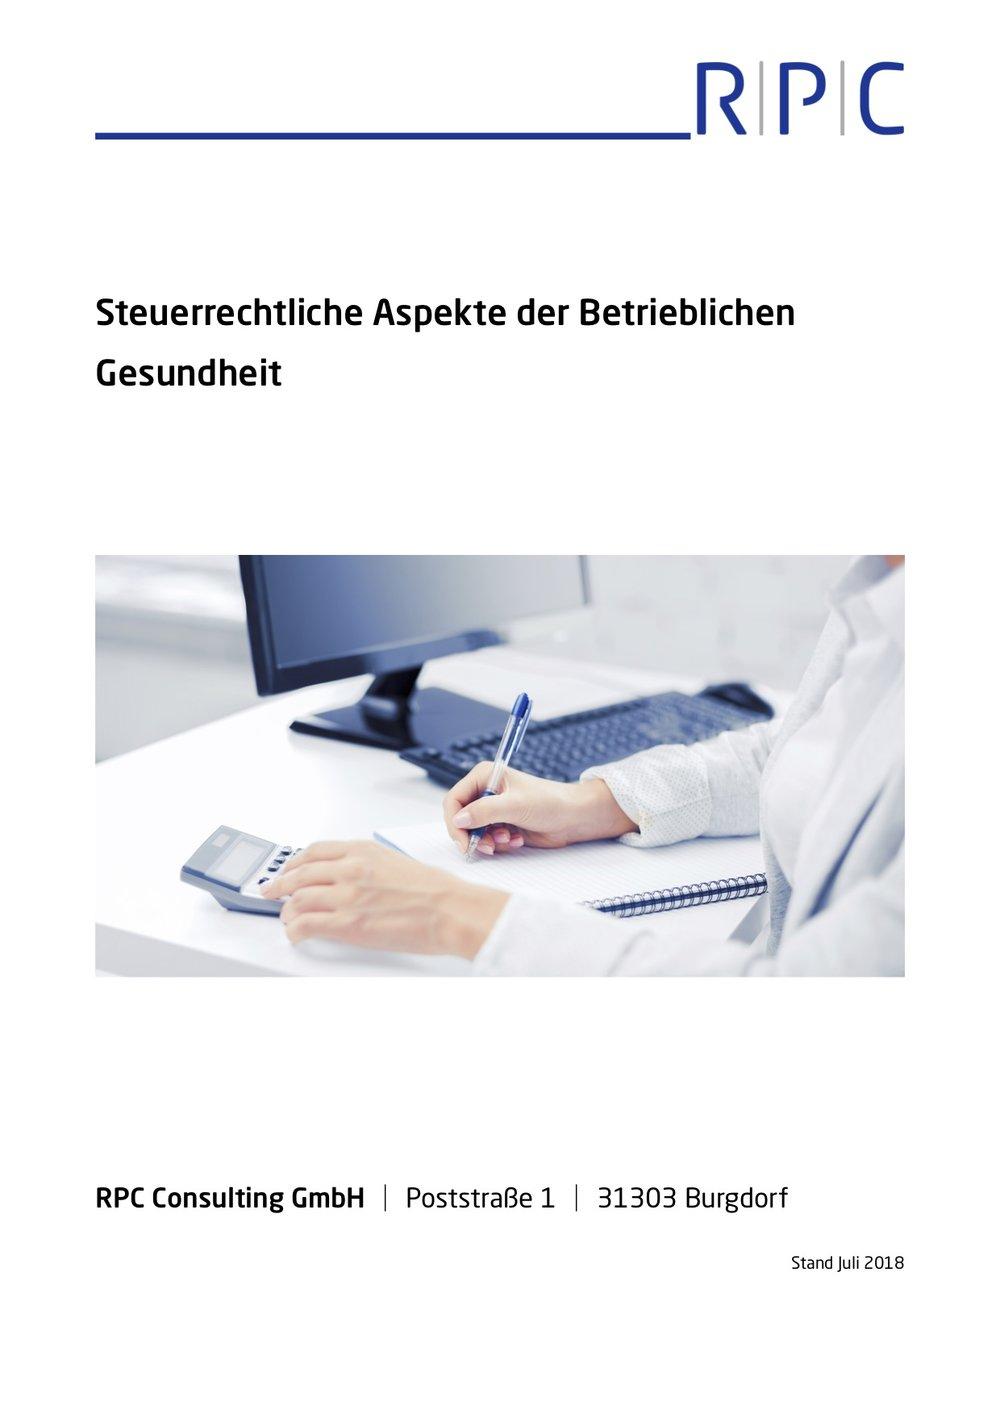 Steuerrecht - Steuerrechtliche Aspekte der Betrieblichen Gesundheit